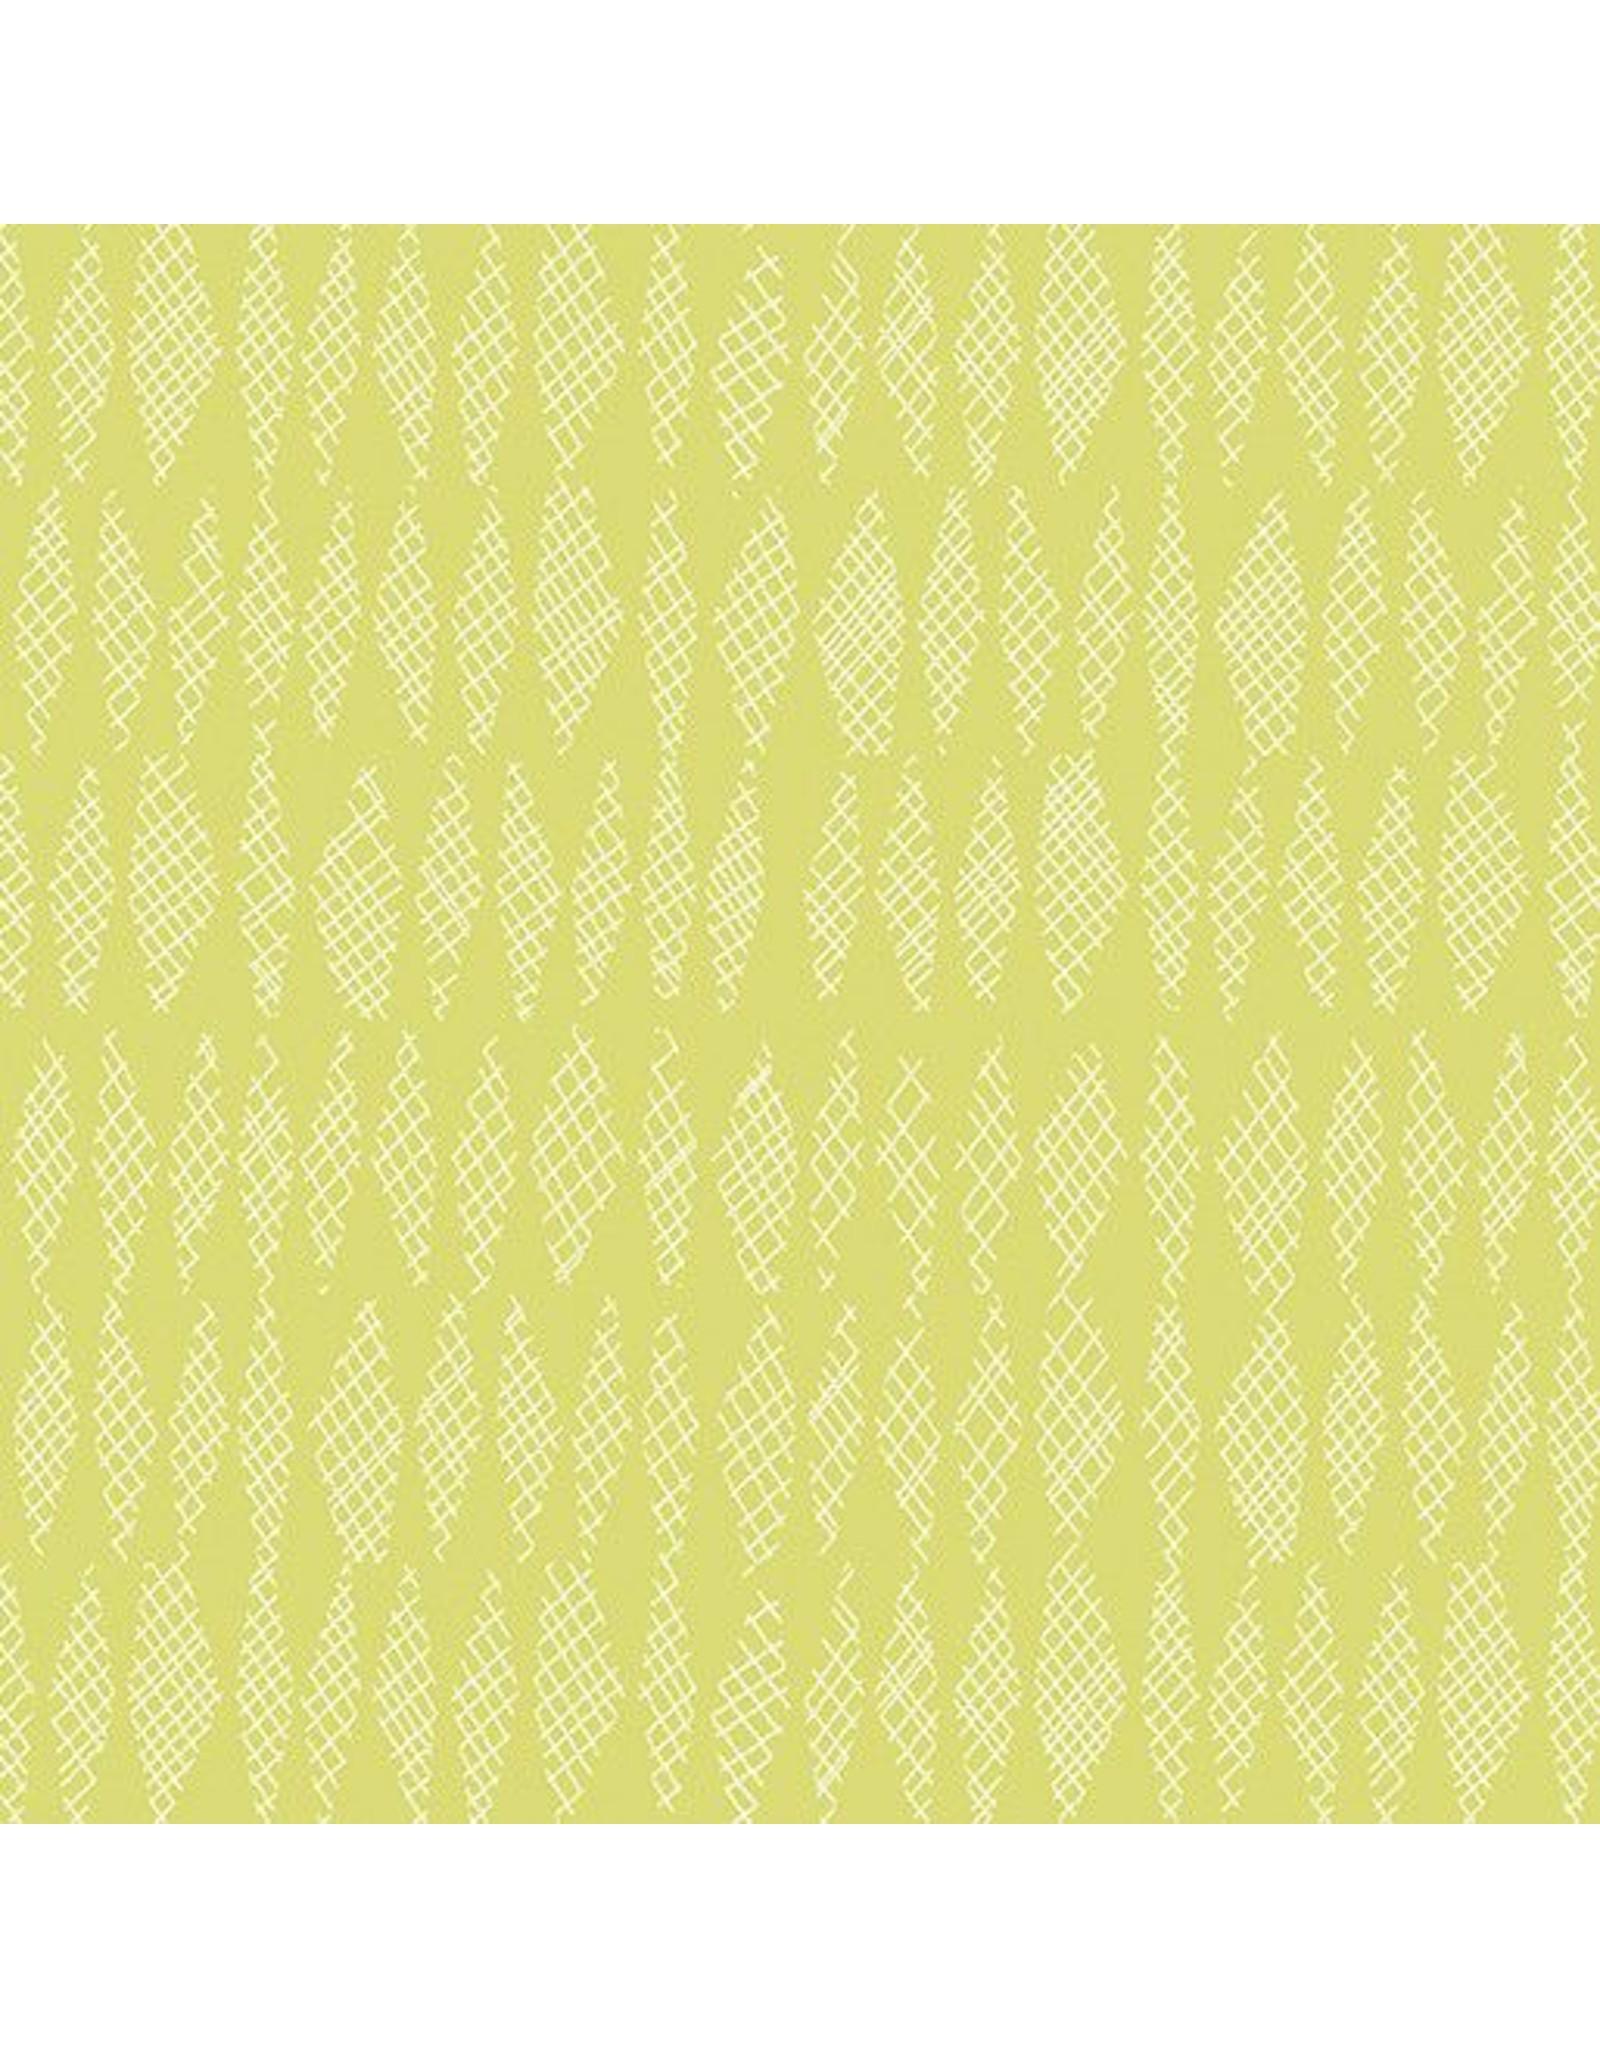 Contempo Improv - Twisted Screen Citron